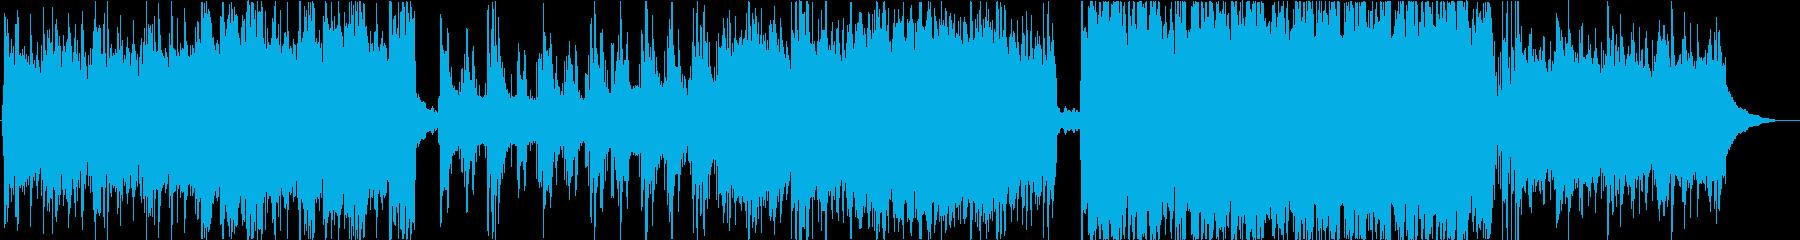 生演奏の二胡とピアノの癒し系サウンドの再生済みの波形